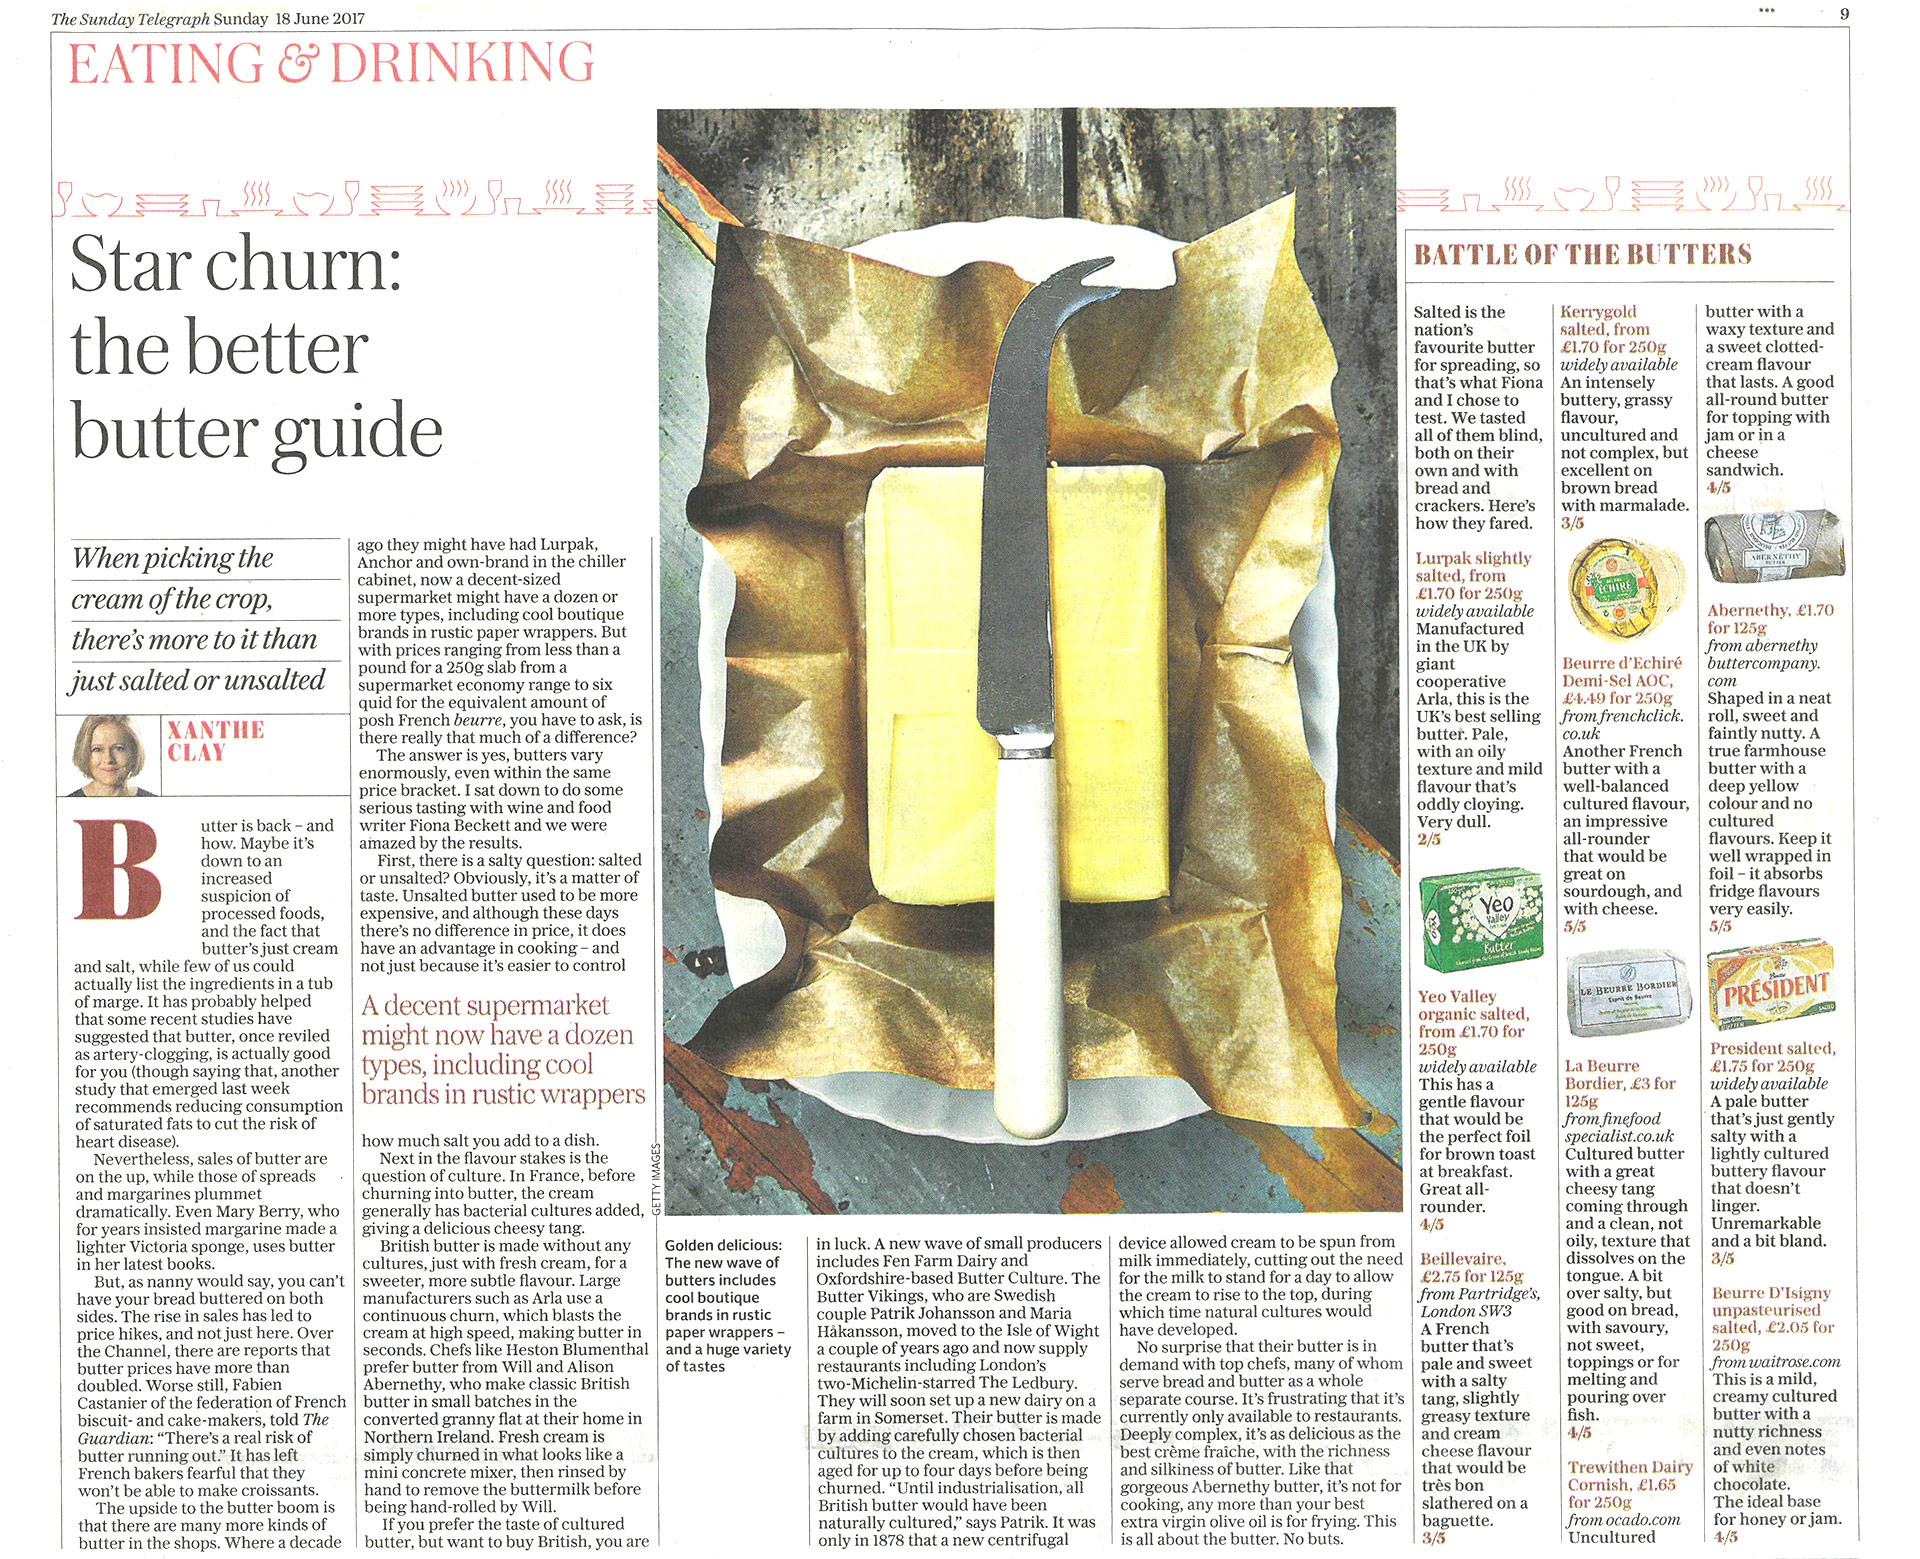 Sunday Telegraph butter blind taste